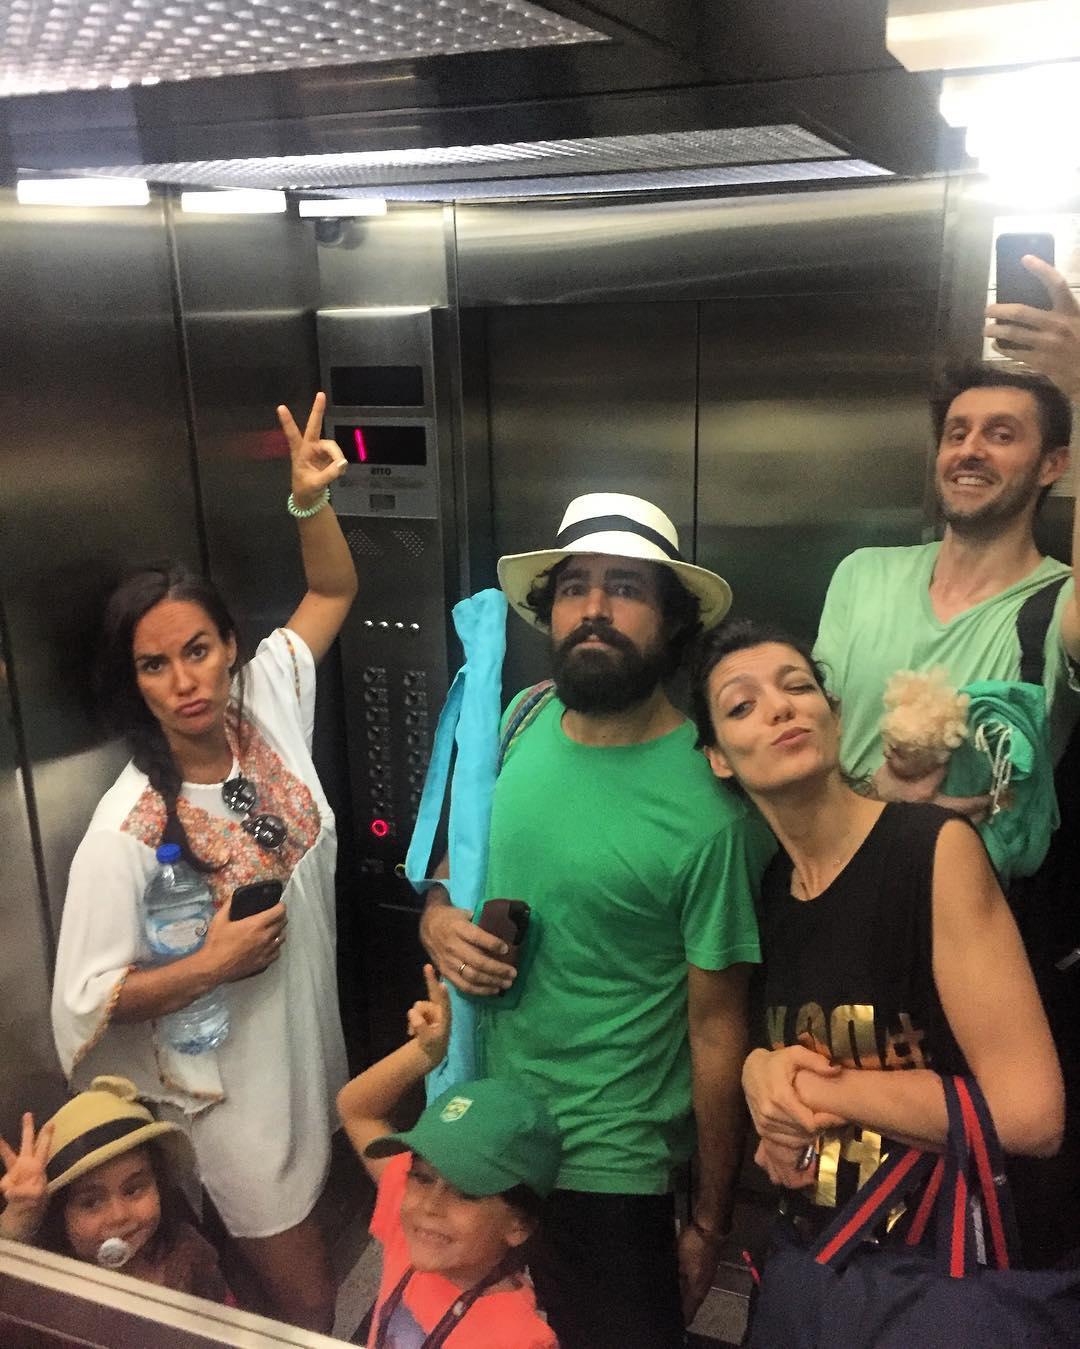 Ricardo Pereira, Francisca Pinto Ribeiro e filhos, Daniel Oliveira, Andreia Rodrigues